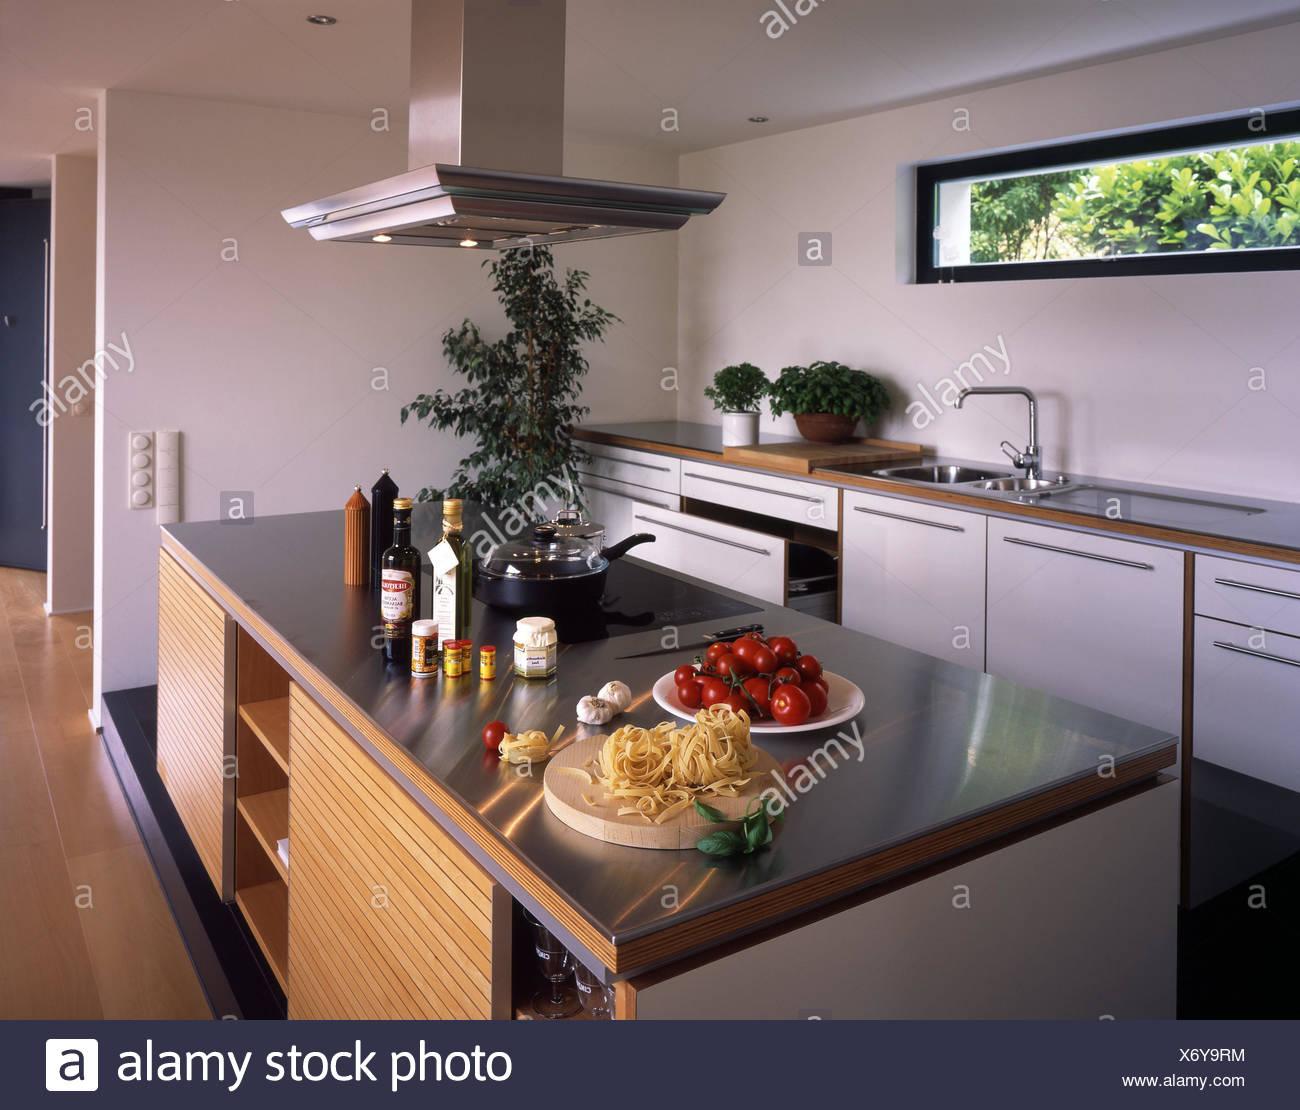 Beste Florida Küche Ideen Bilder - Ideen Für Die Küche Dekoration ...